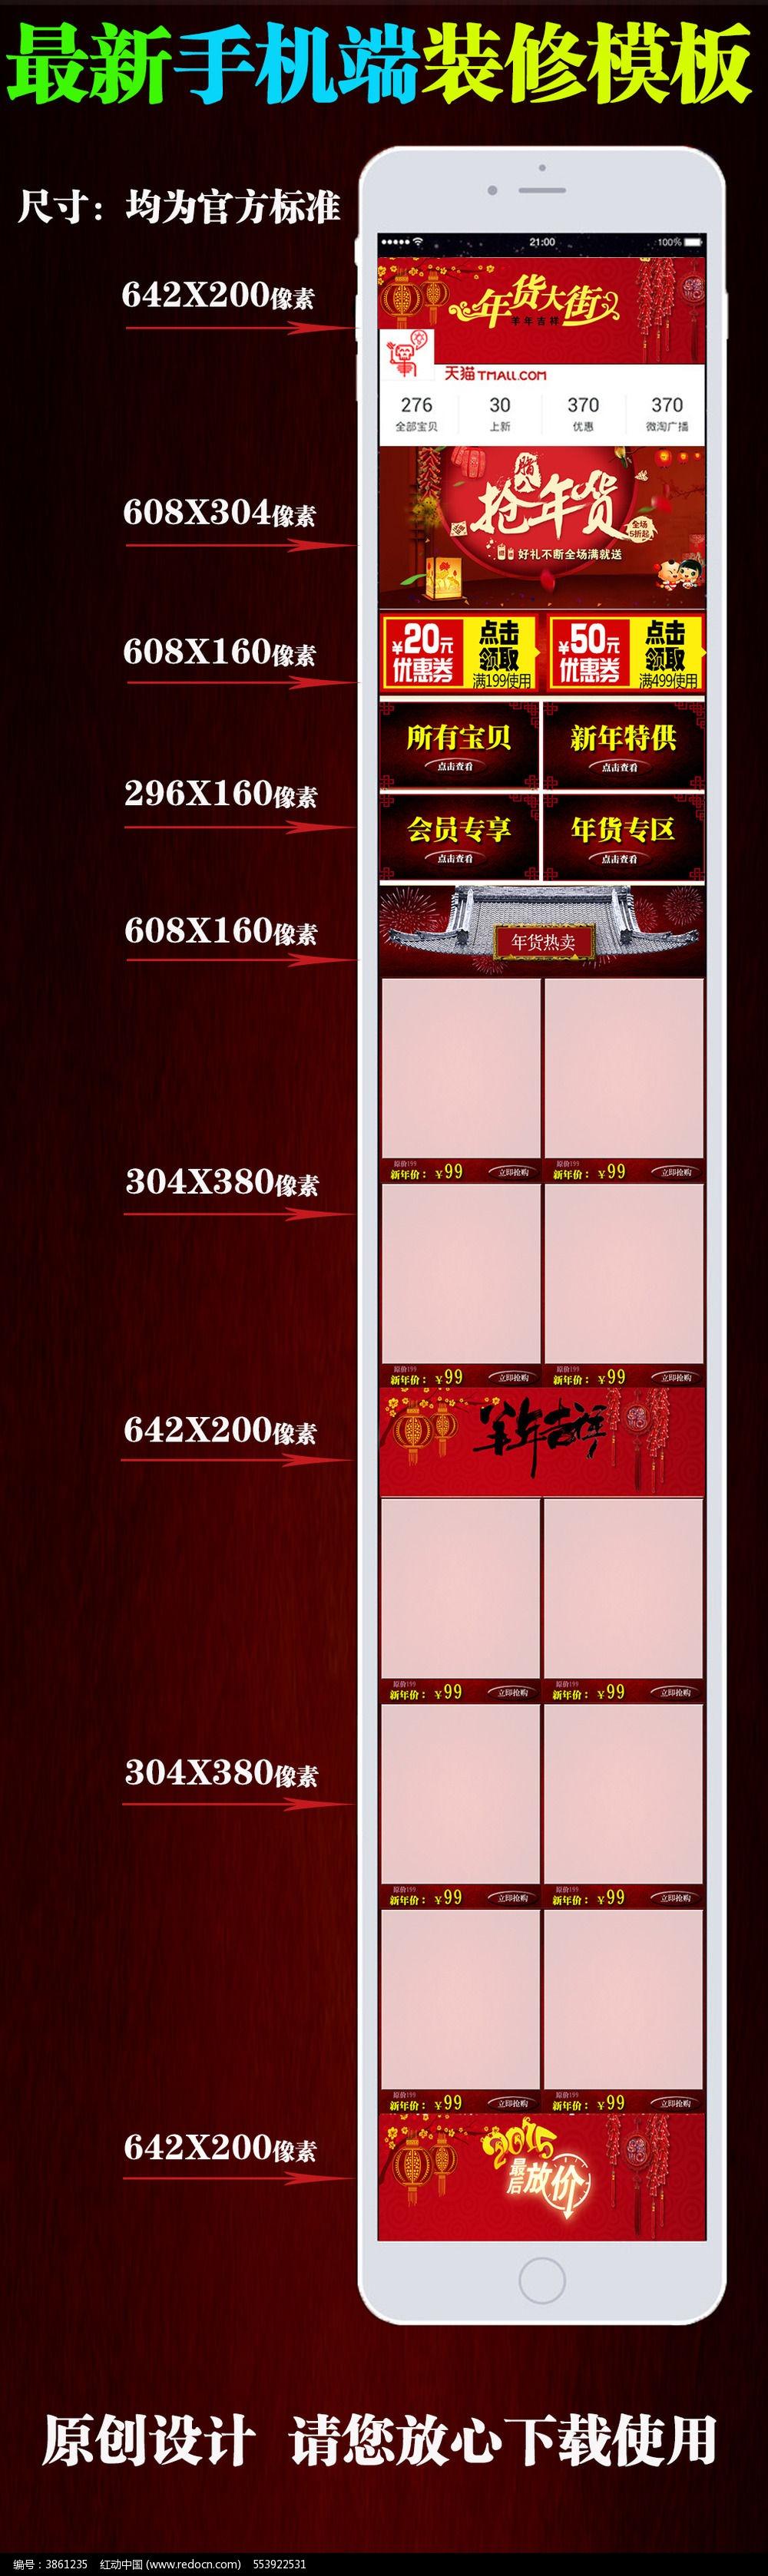 淘宝2015新年手机店铺首页装修模板图片下载